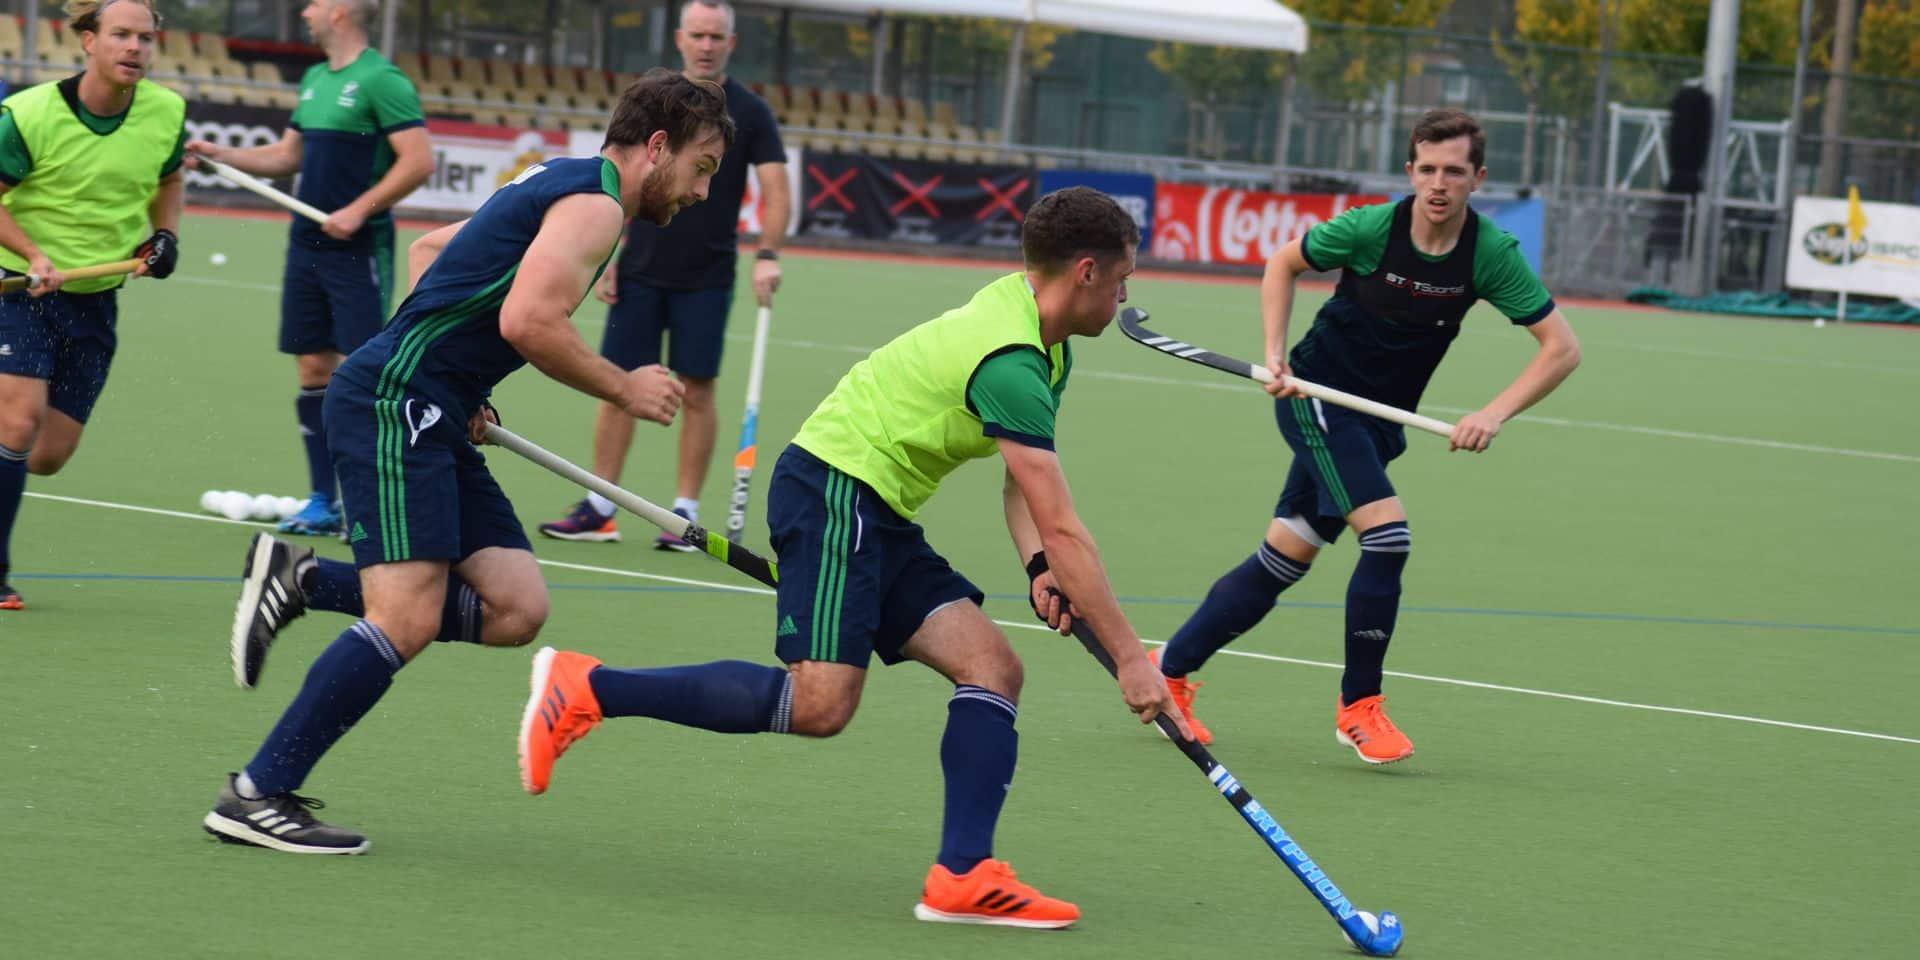 Hockey : Les 1 500 places de Belgique - Irlande de ce mardi à Wavre ont été vendues en 4 jours !